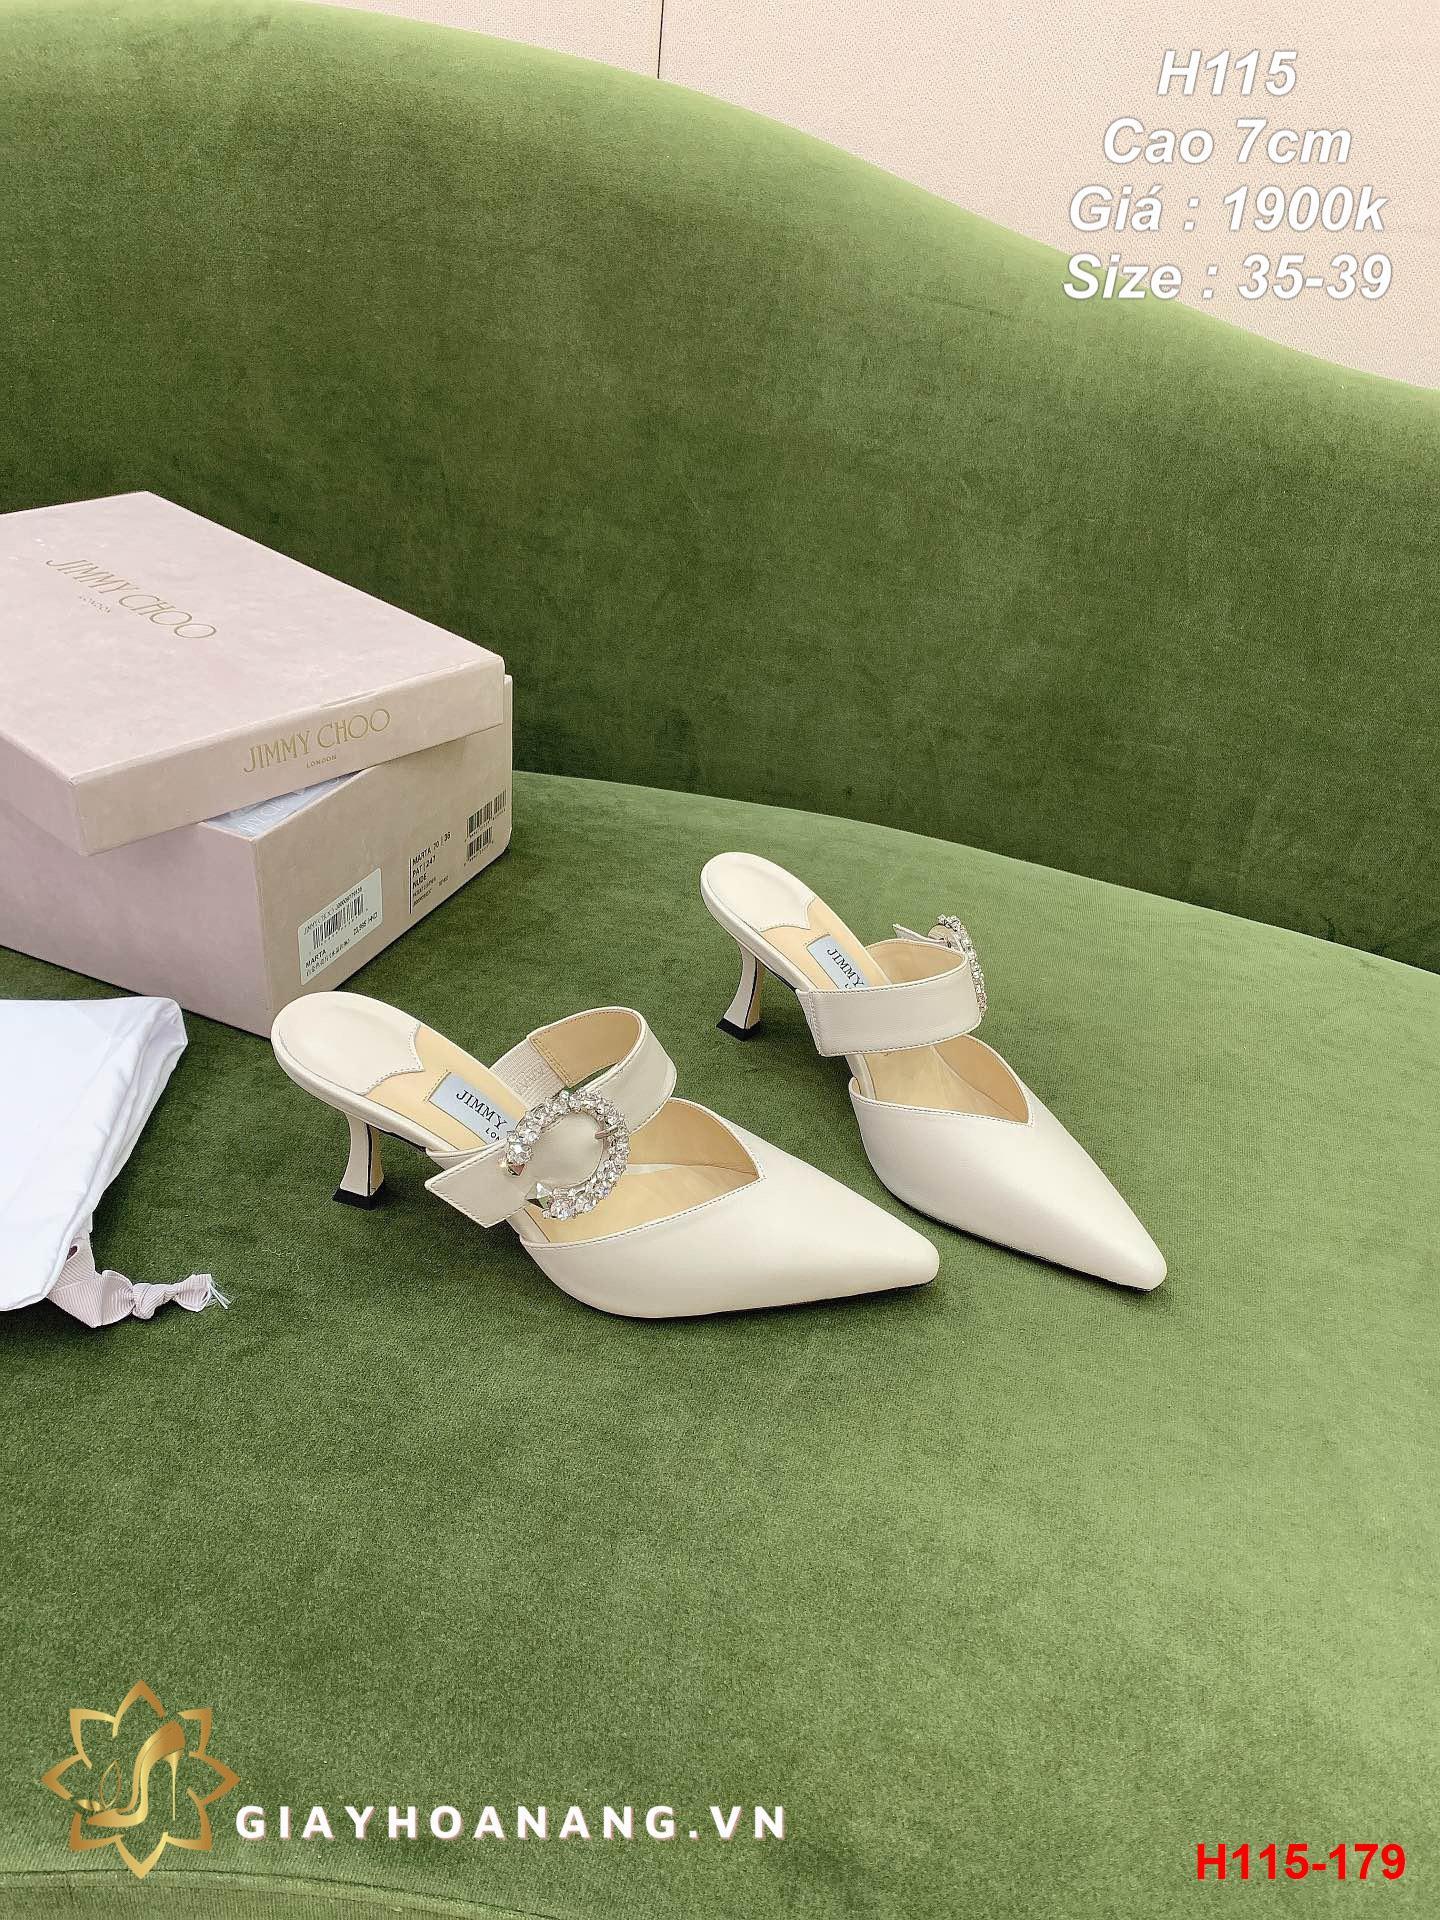 H115-179 Jimmy Choo sandal cao 7cm siêu cấp